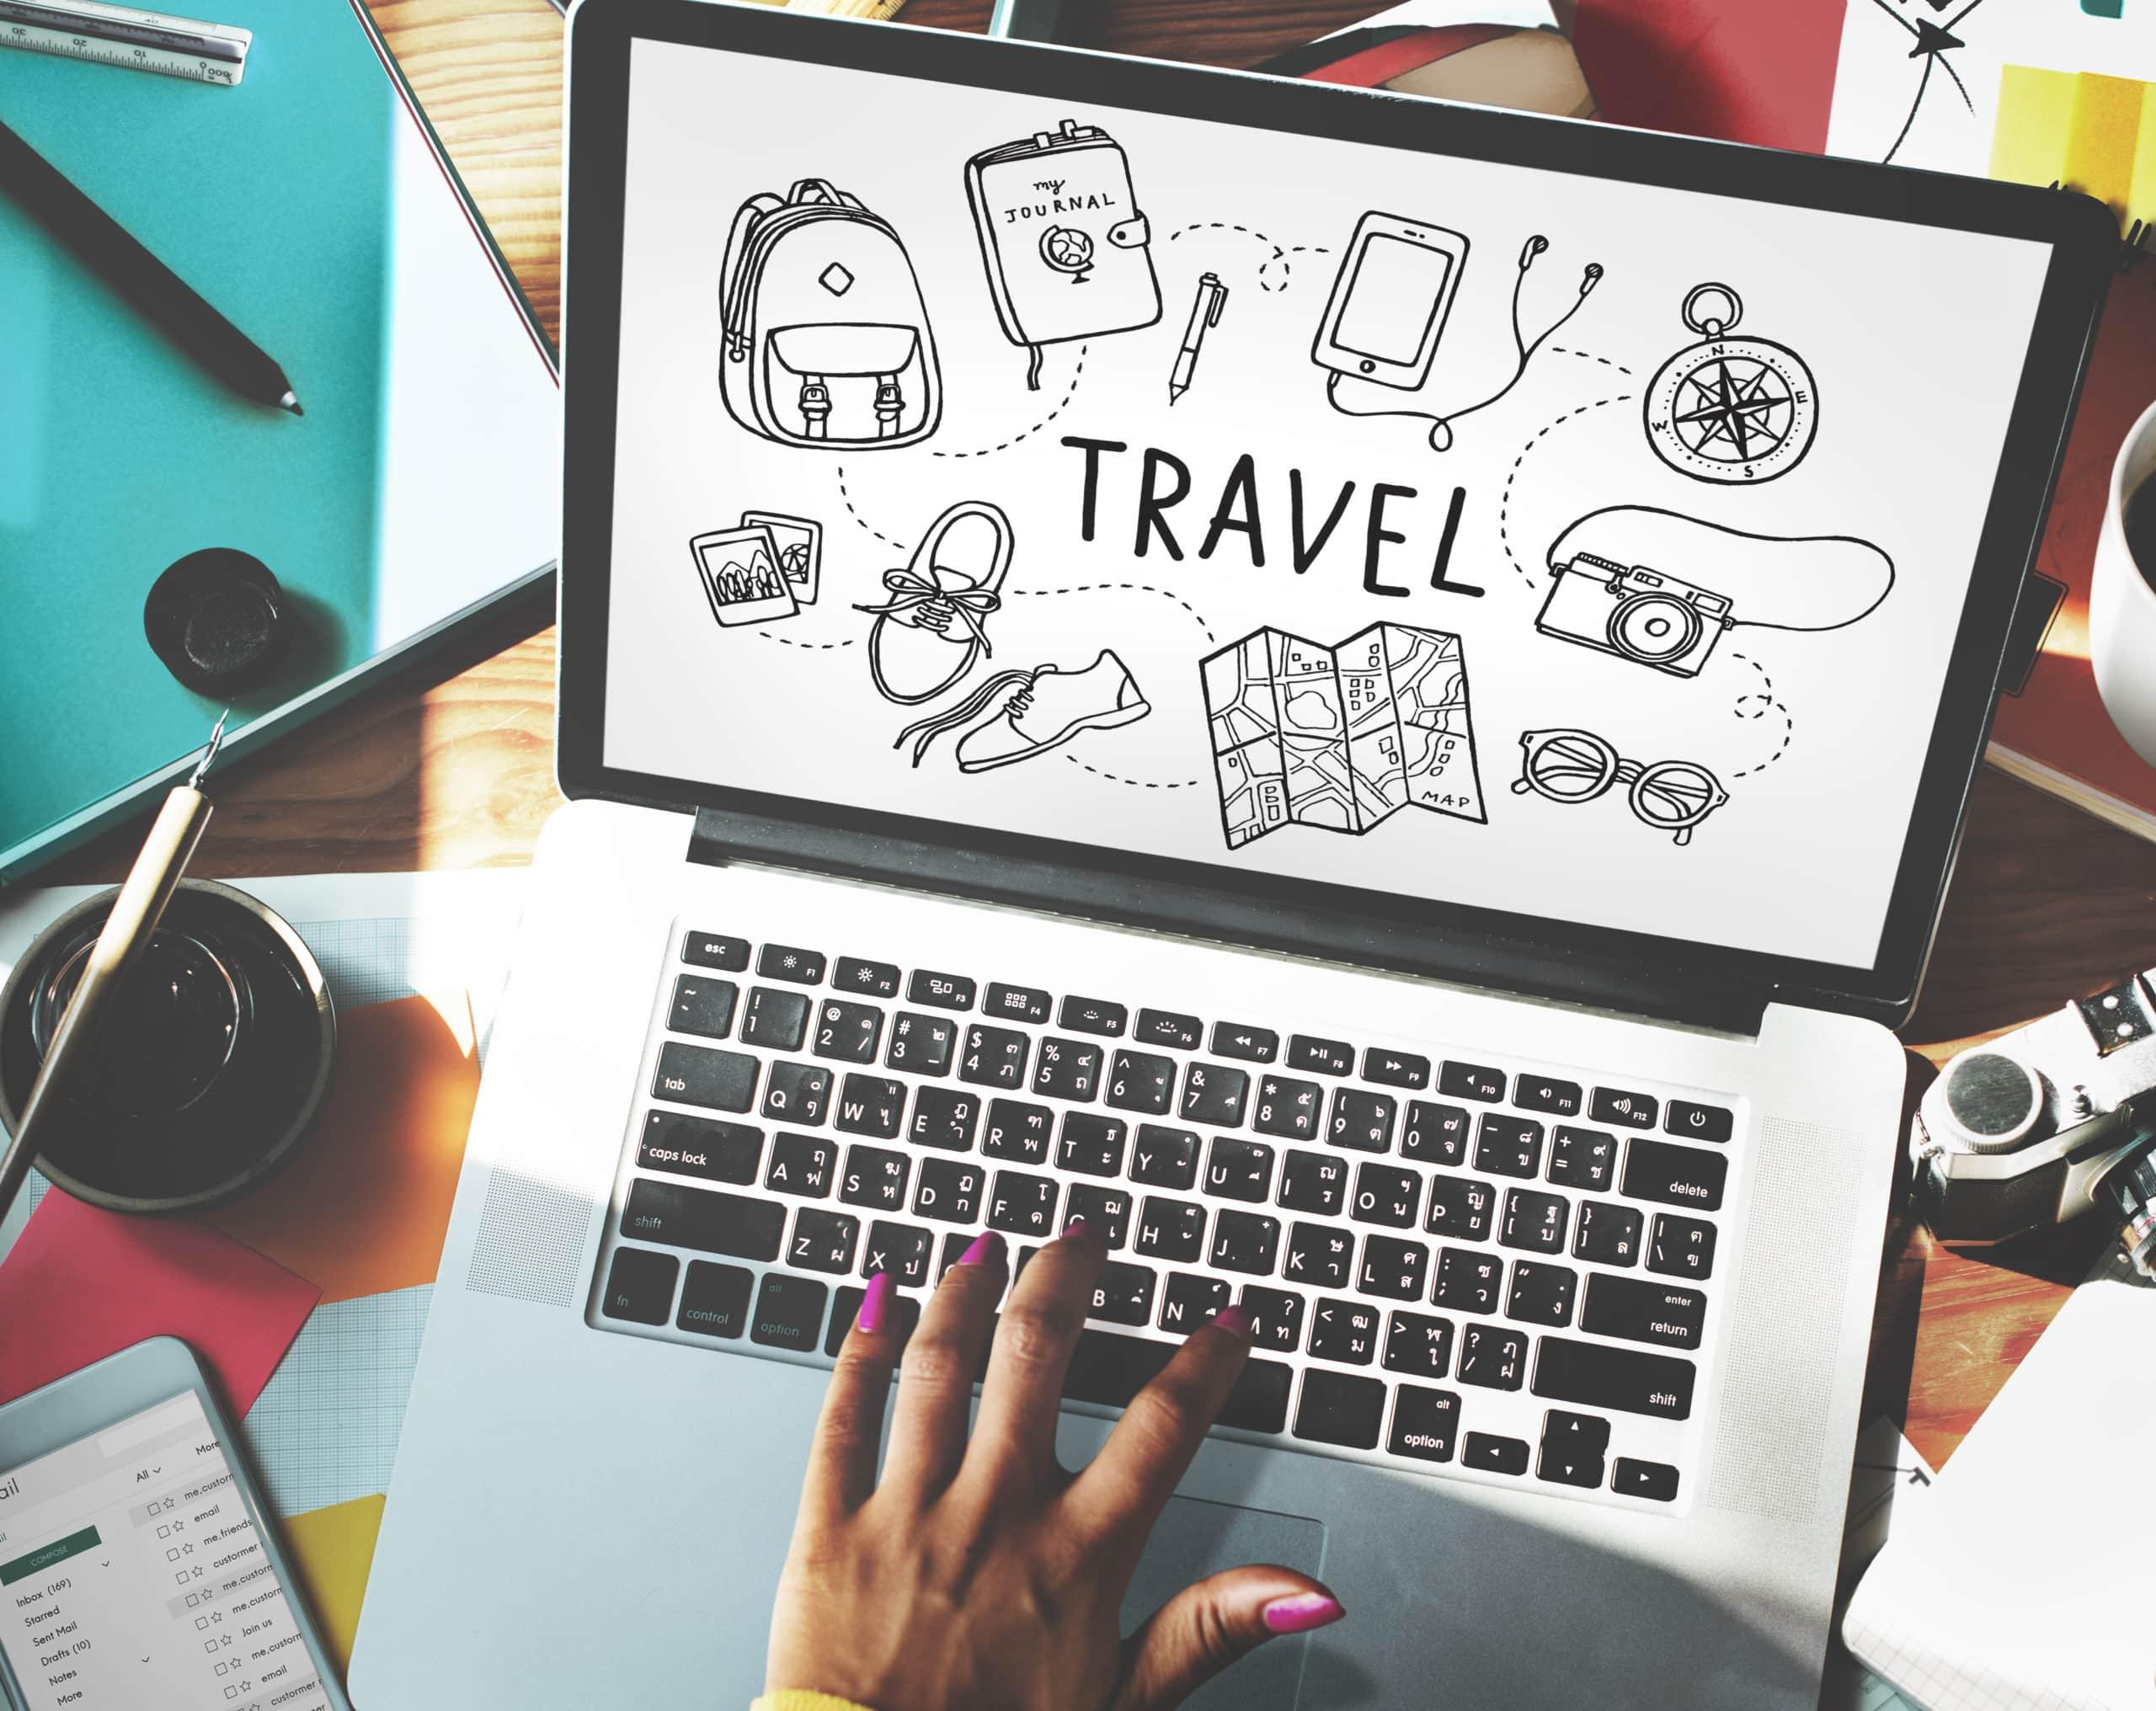 Tourismusmanager (IHK) - GBZ erweitert Weiterbildungsangebot